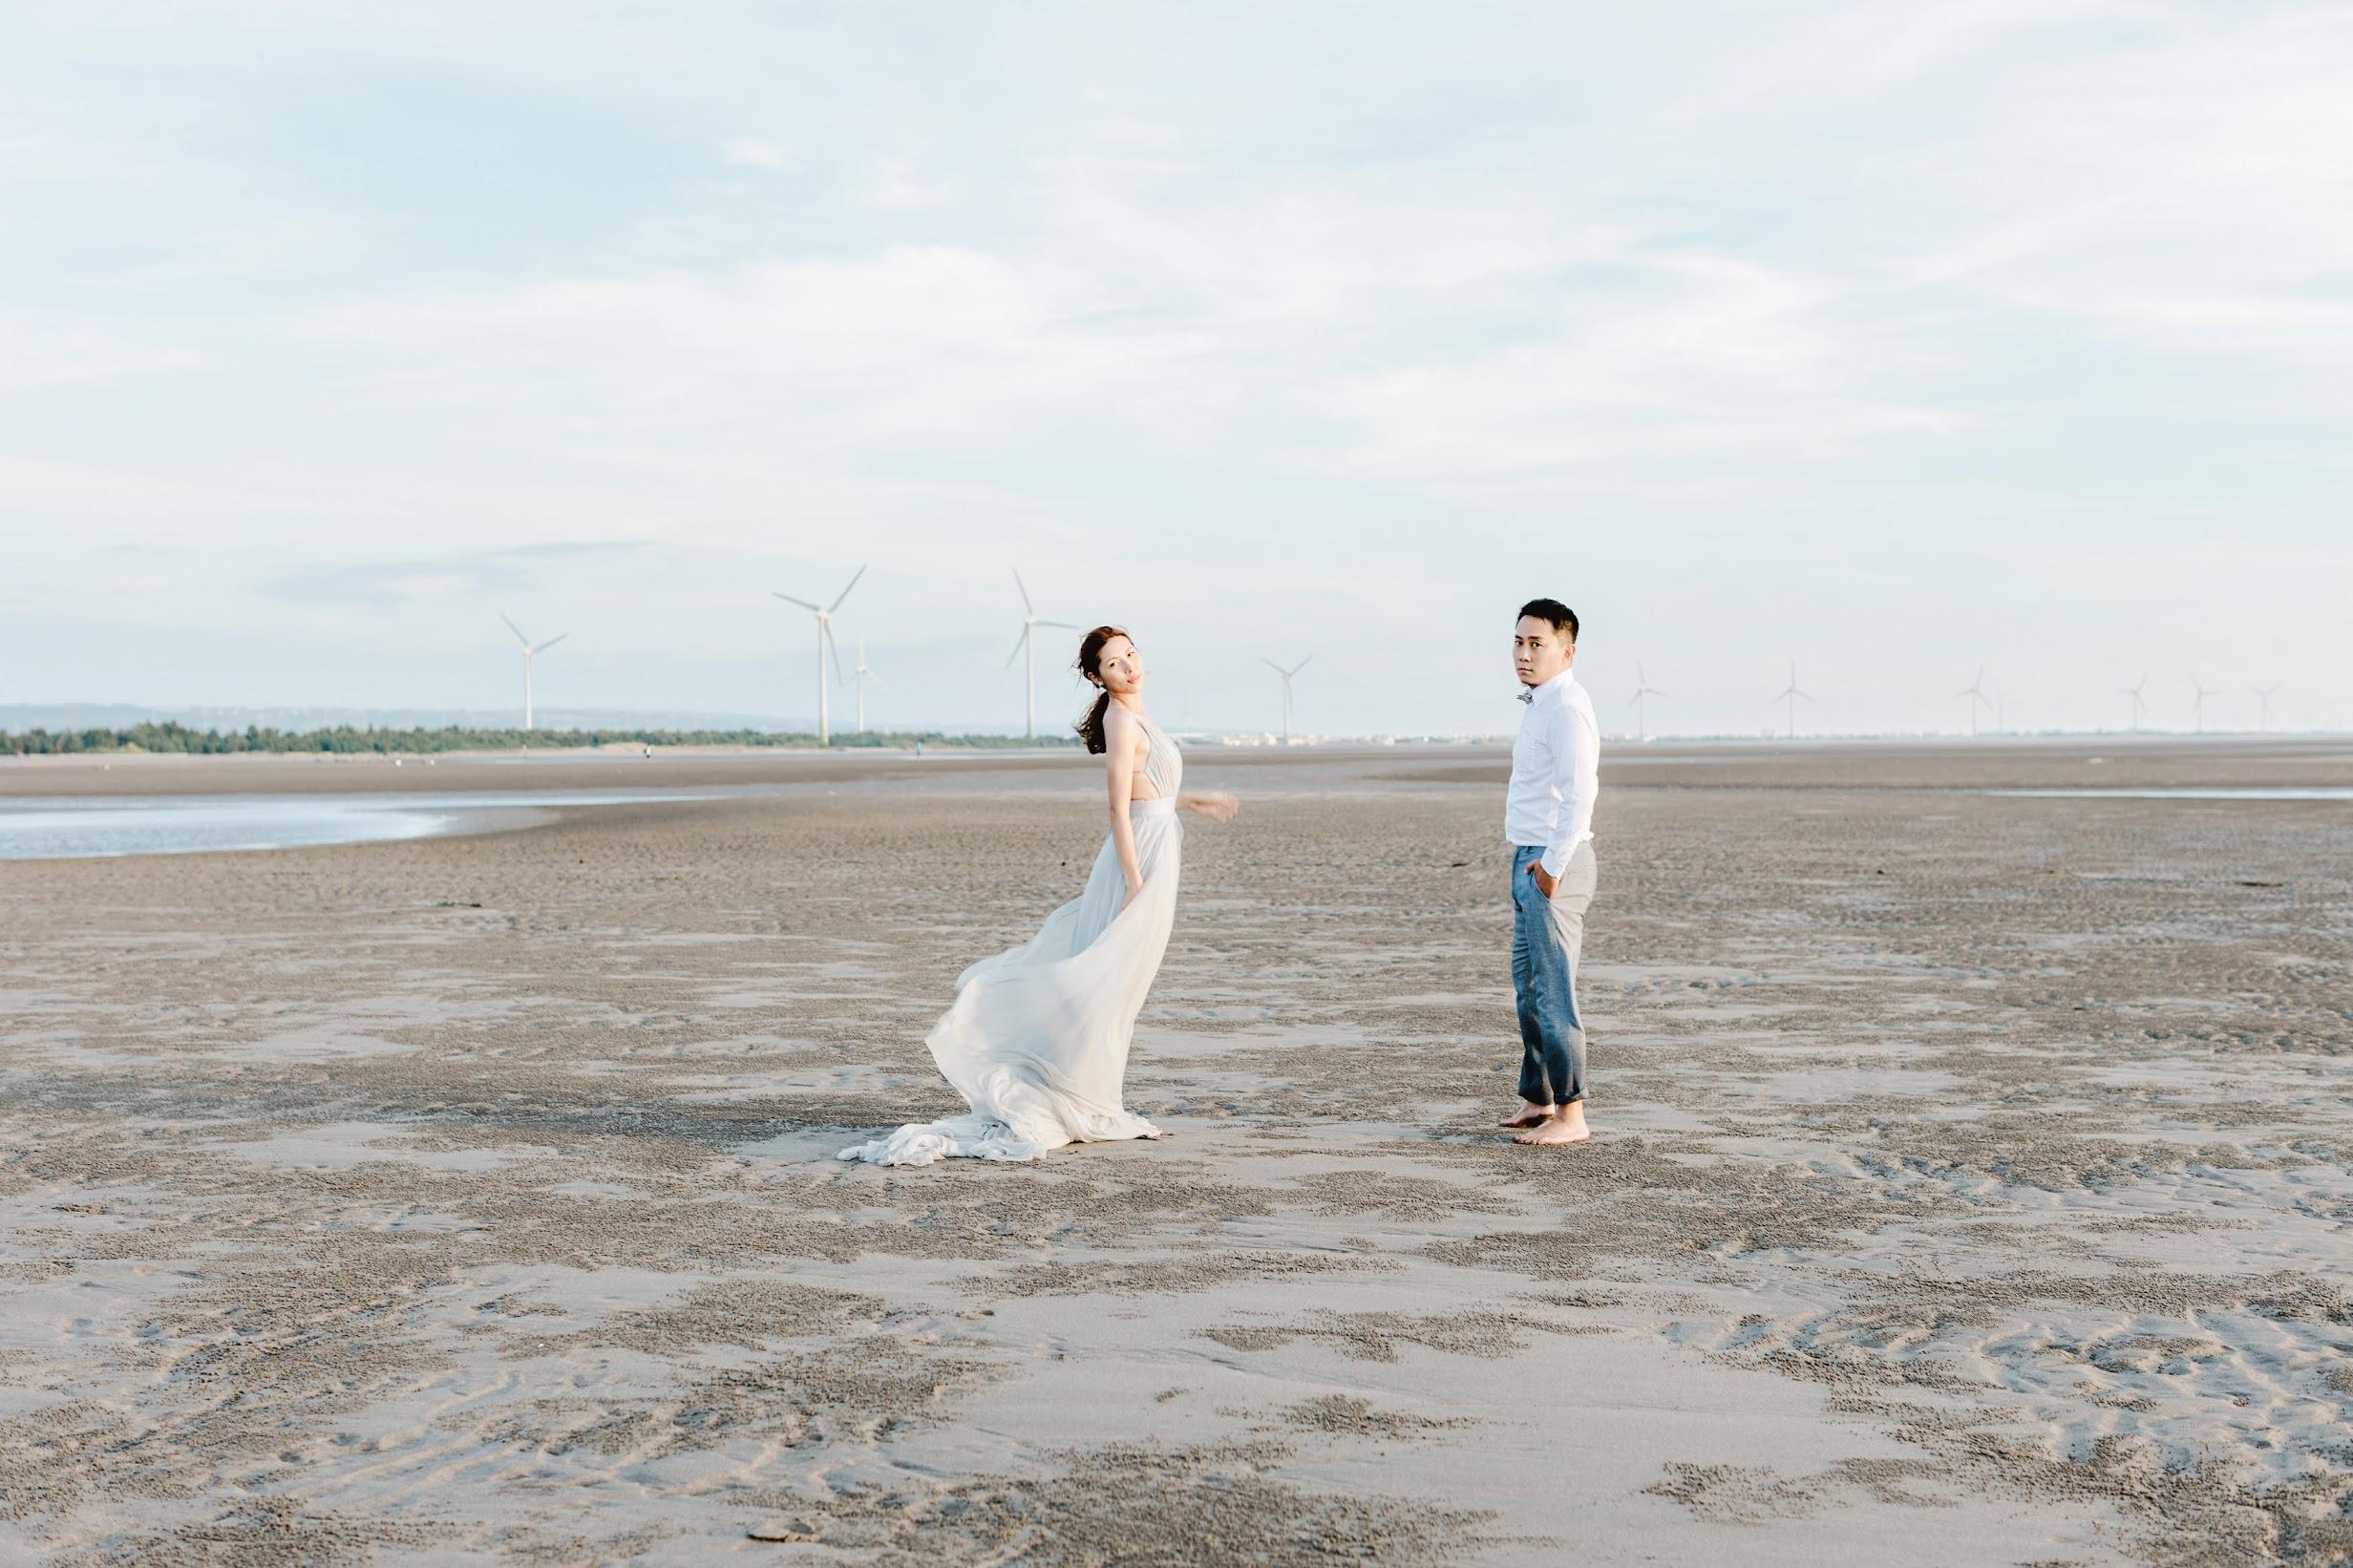 在海邊逐著光 , 拍攝Amazing Grace婚紗攝影 ,女攝影師 Janet